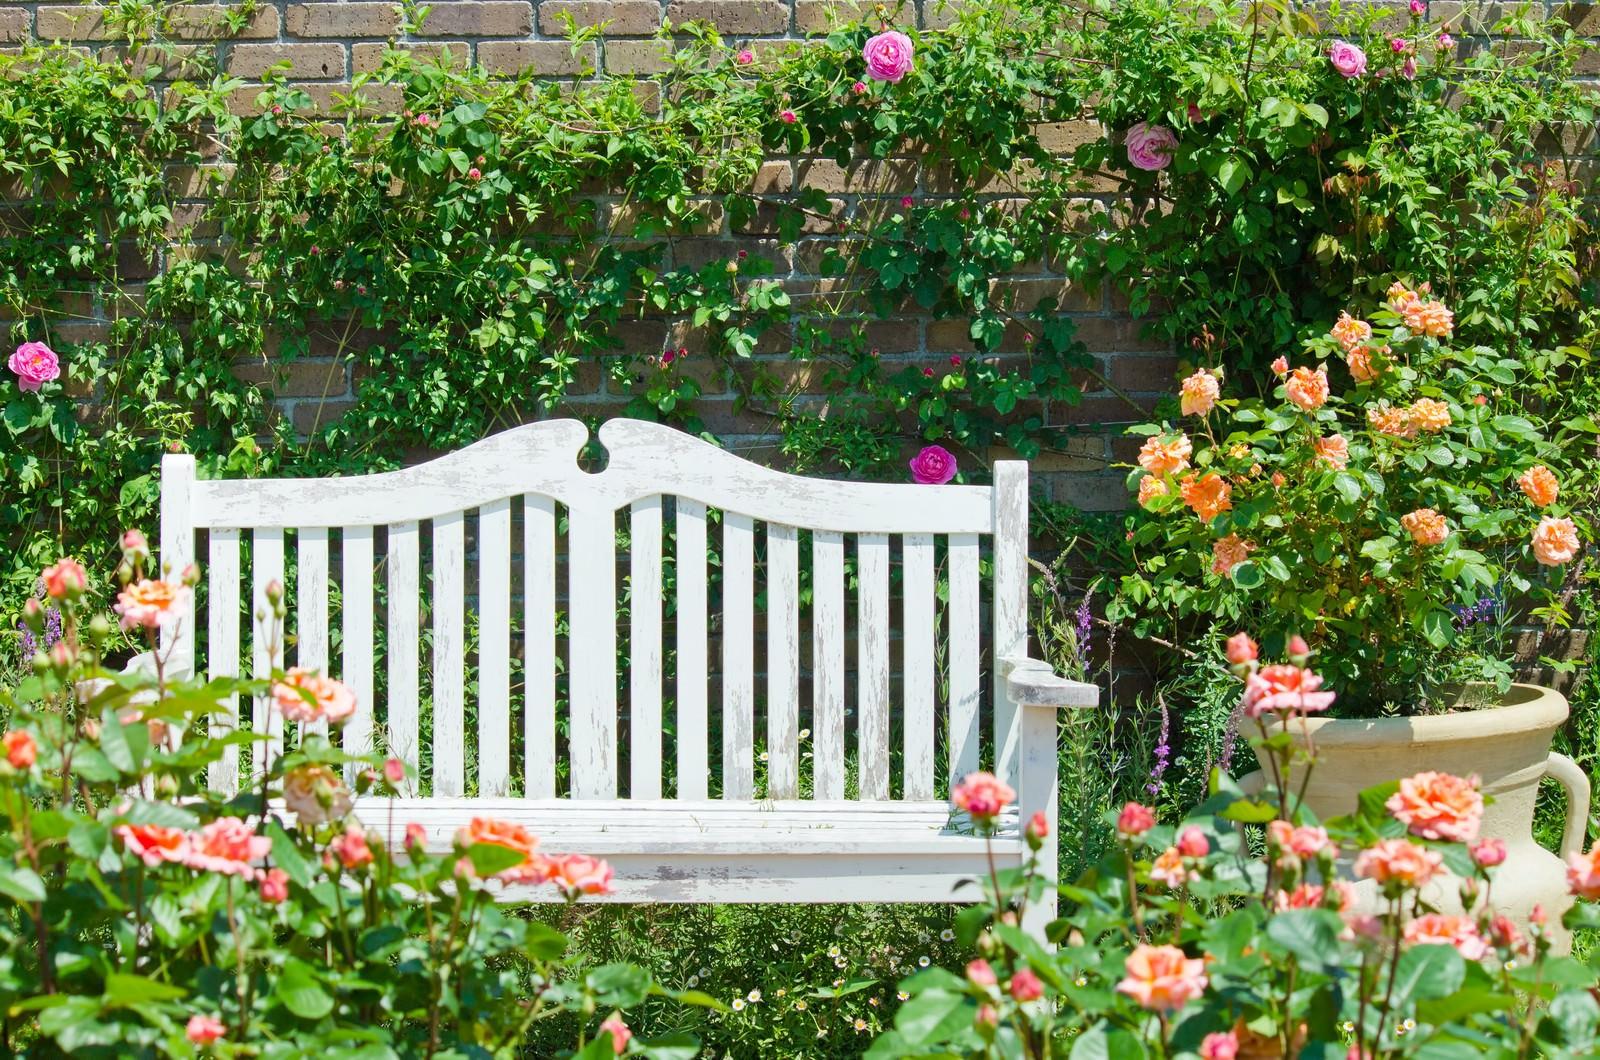 「バラに囲まれた白いベンチ」の写真